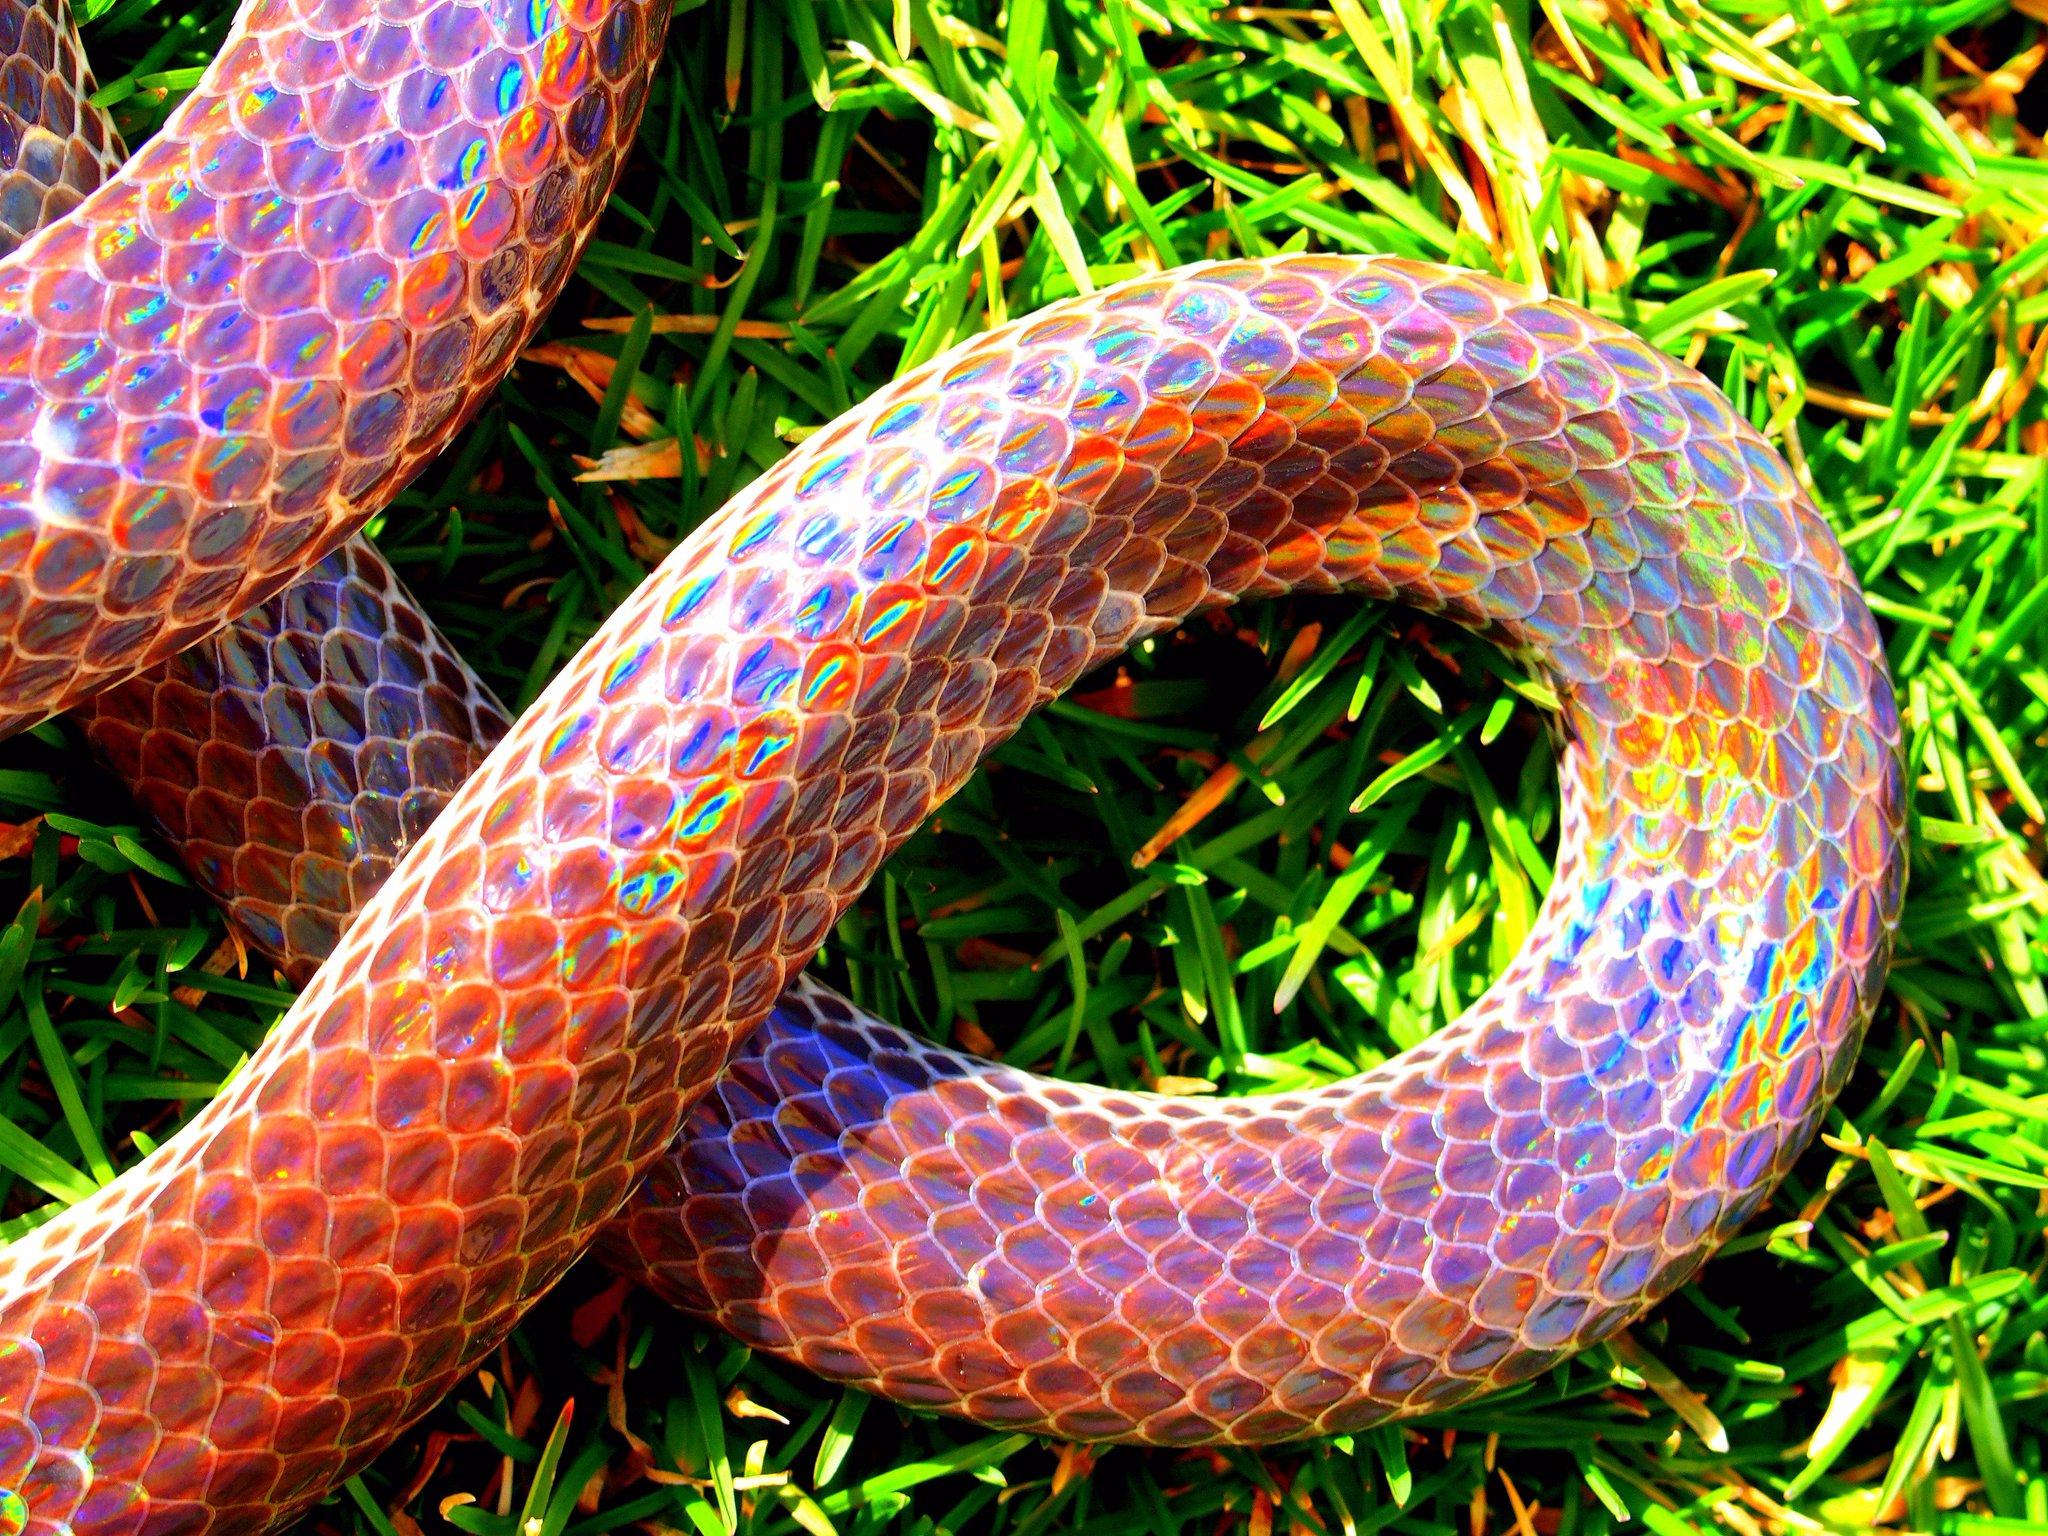 людей, изначально австралийская радужная змея фото вам необходима такая